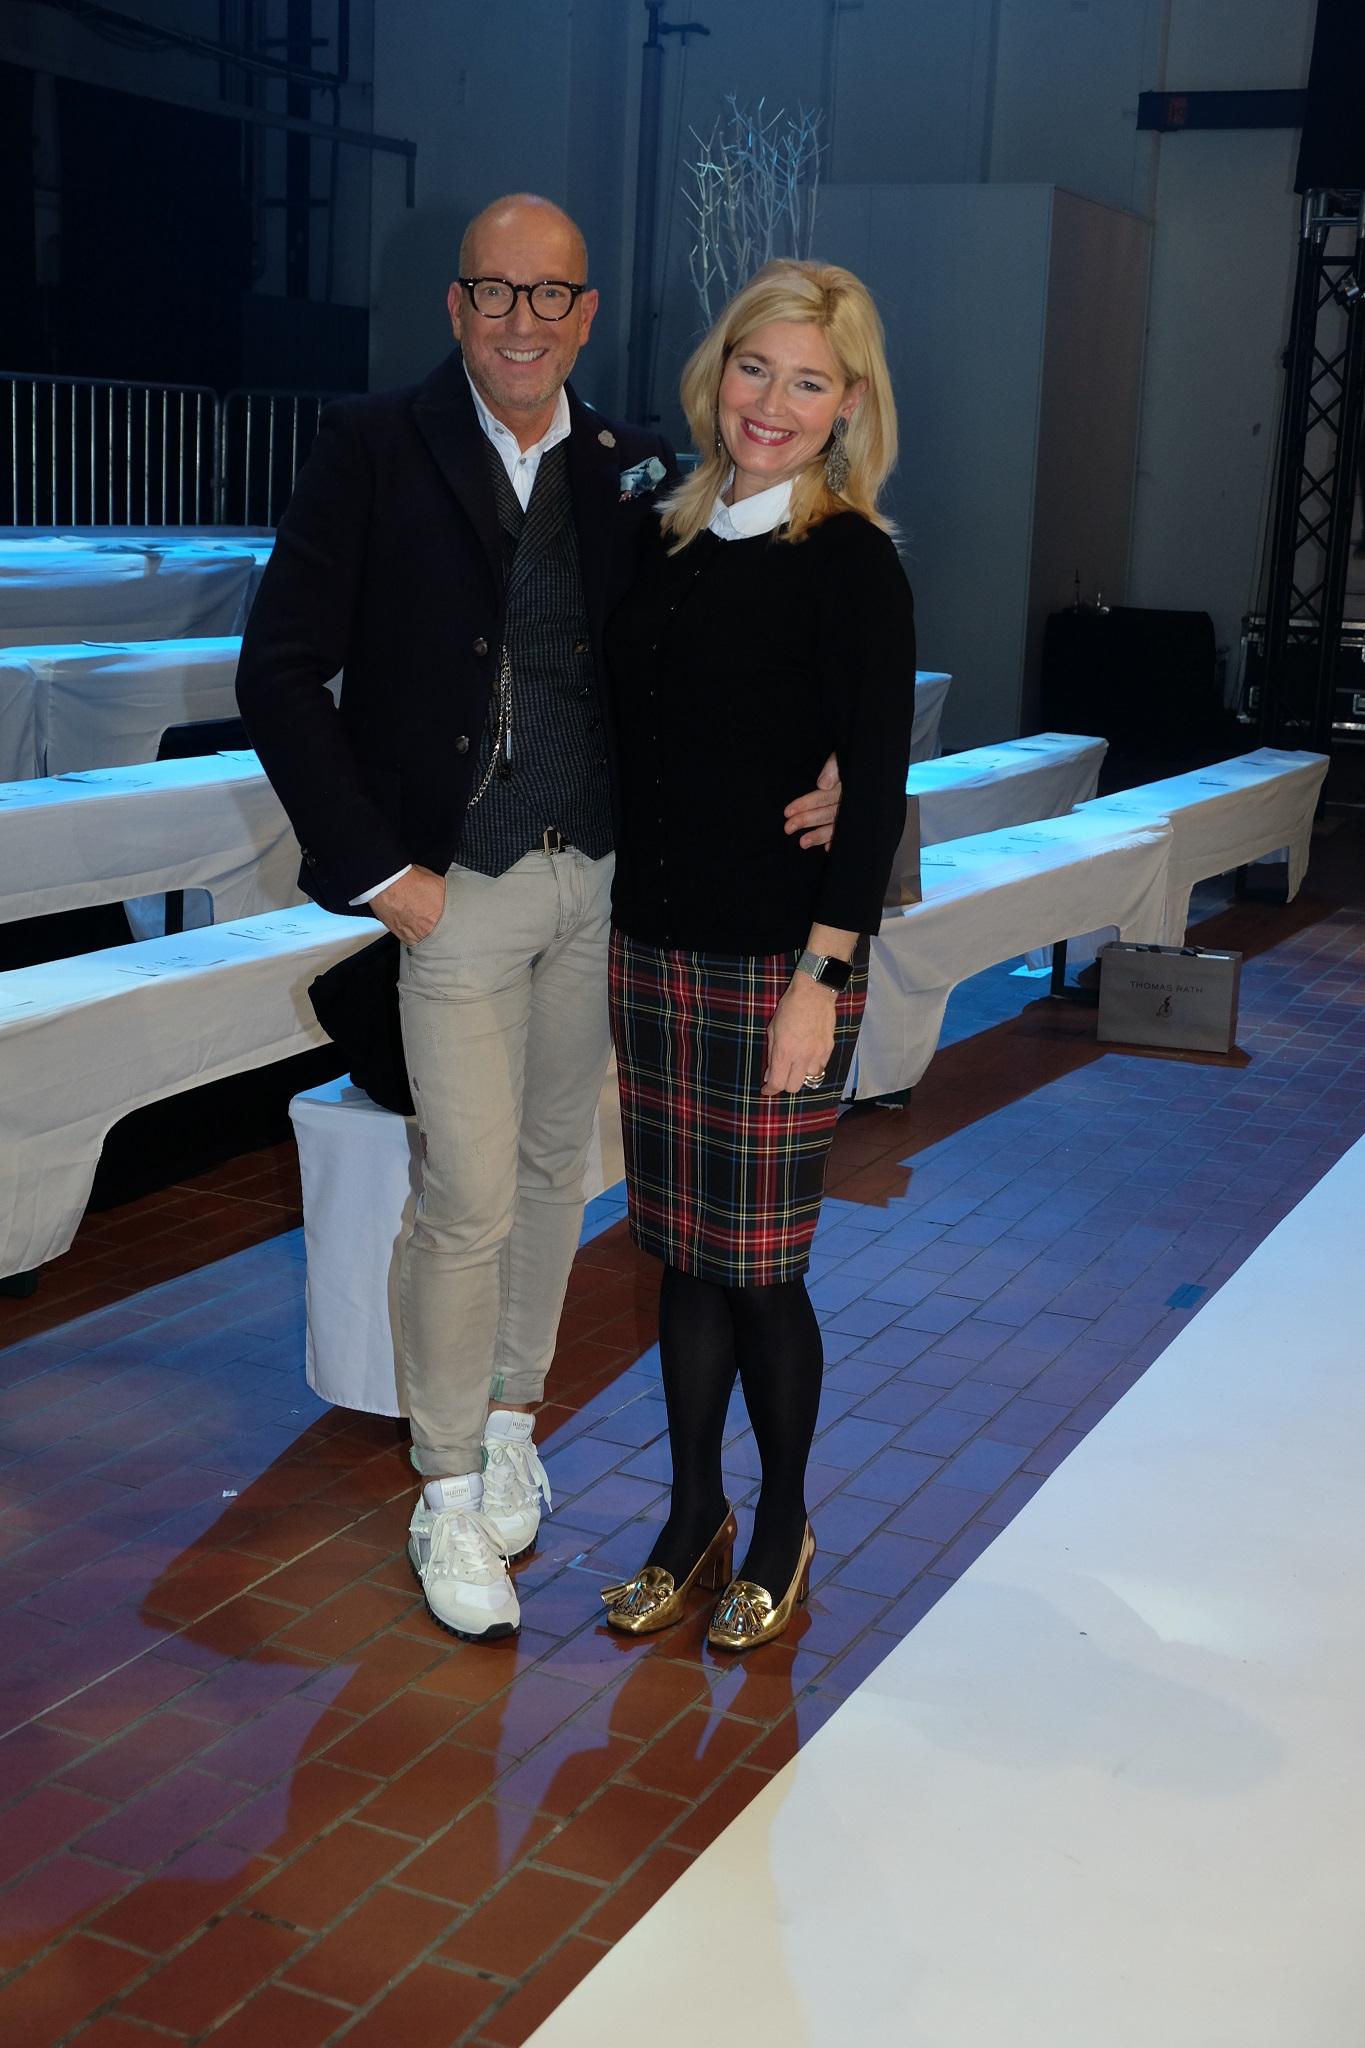 Thomas Rath, Petra Dieners, Fashion Blog Lieblingsstil, Modeblog Lieblingsstil, Modeblogger Lieblingsstil, Fashionblogger Lieblingsstil